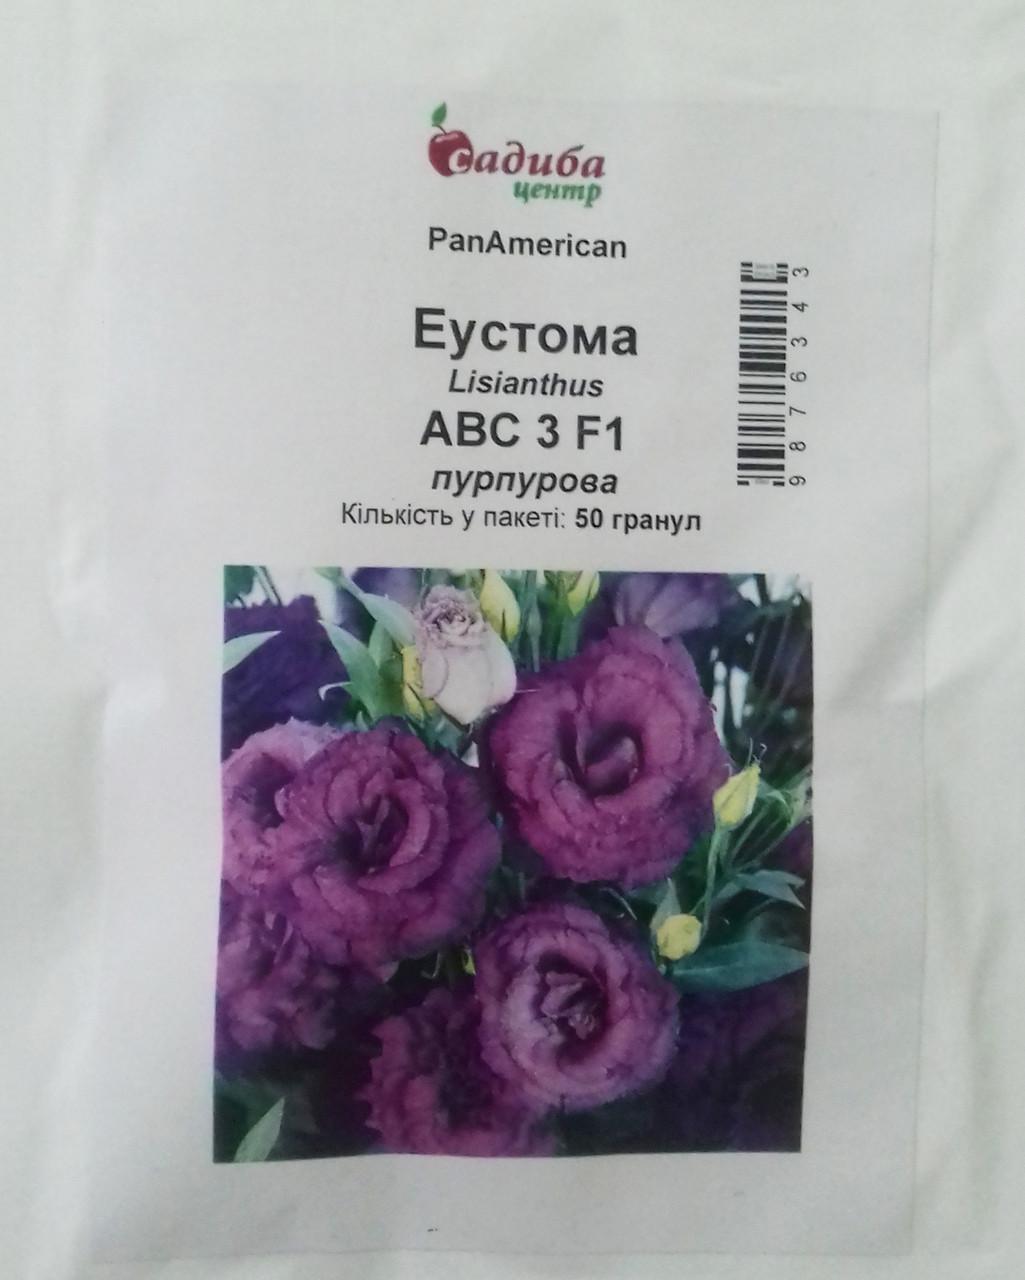 """Семена  цветов Эустомы ABC 3  F1 пурпурная, 50 гранул, """"Сабыба Центр"""", Украина"""